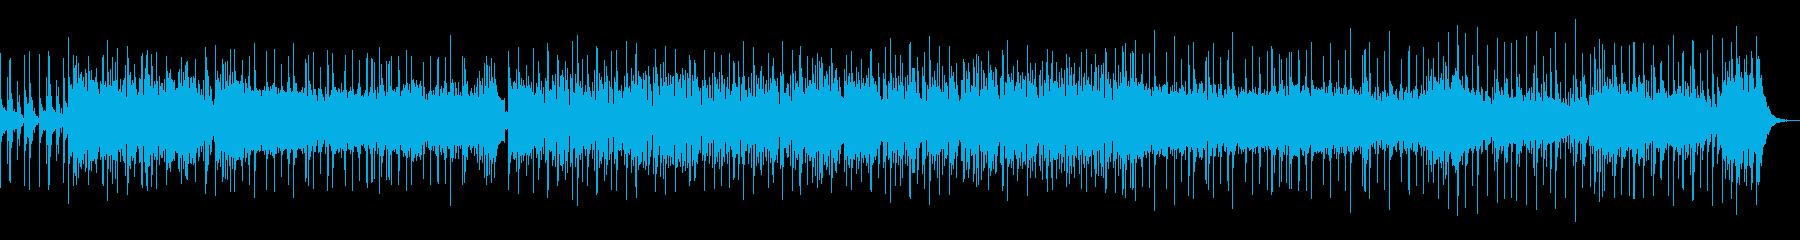 グルーヴ感あふれる軽快なDTMロックの再生済みの波形